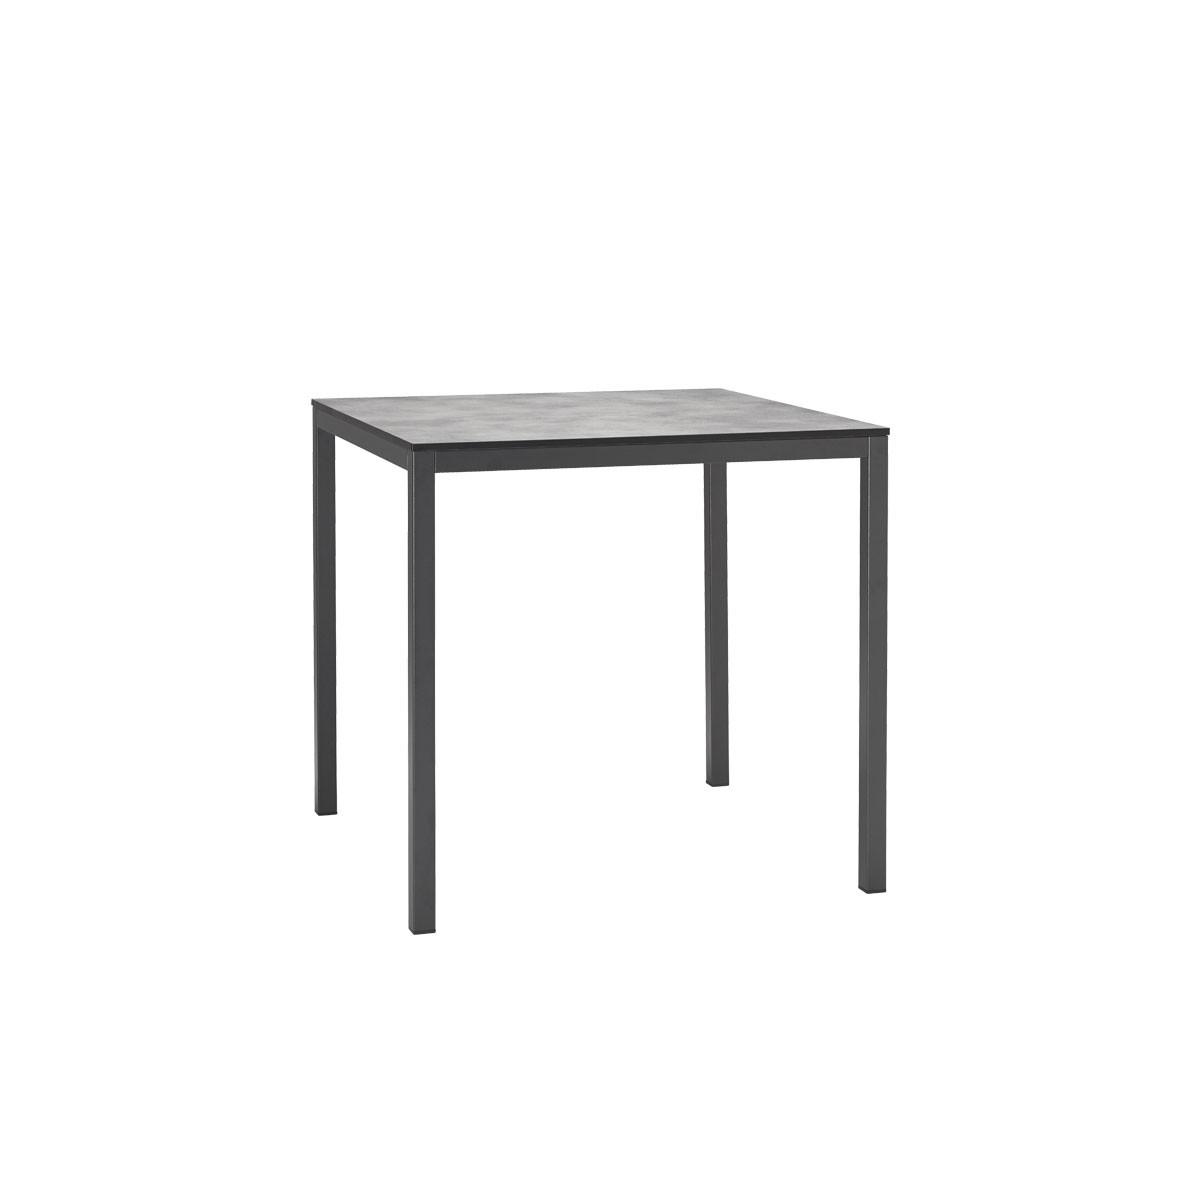 Czarny stolik do restauracji i kawiarni MIRTO